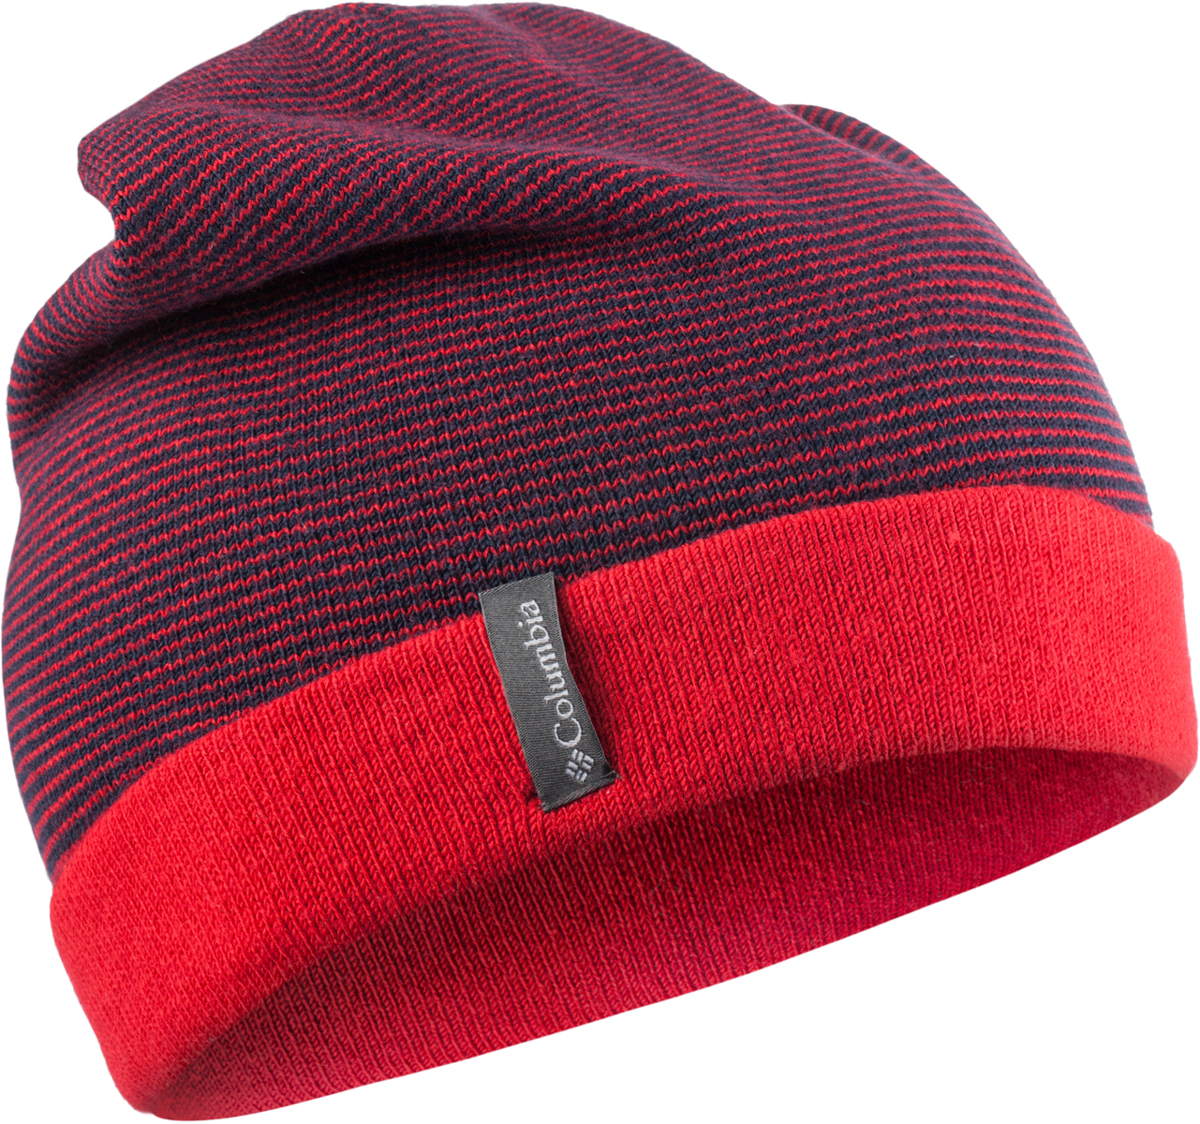 Шапка мужская Columbia Cascade Reversible Watchcap Hat, цвет: красный. 1682191-613. Размер универсальный1682191-613Удобная двусторонняя шапка Columbia Cascade Reversible - отличный выбор для прогулок и путешествий. Модель выполнена из акрила с добавлением нейлона и эластана.